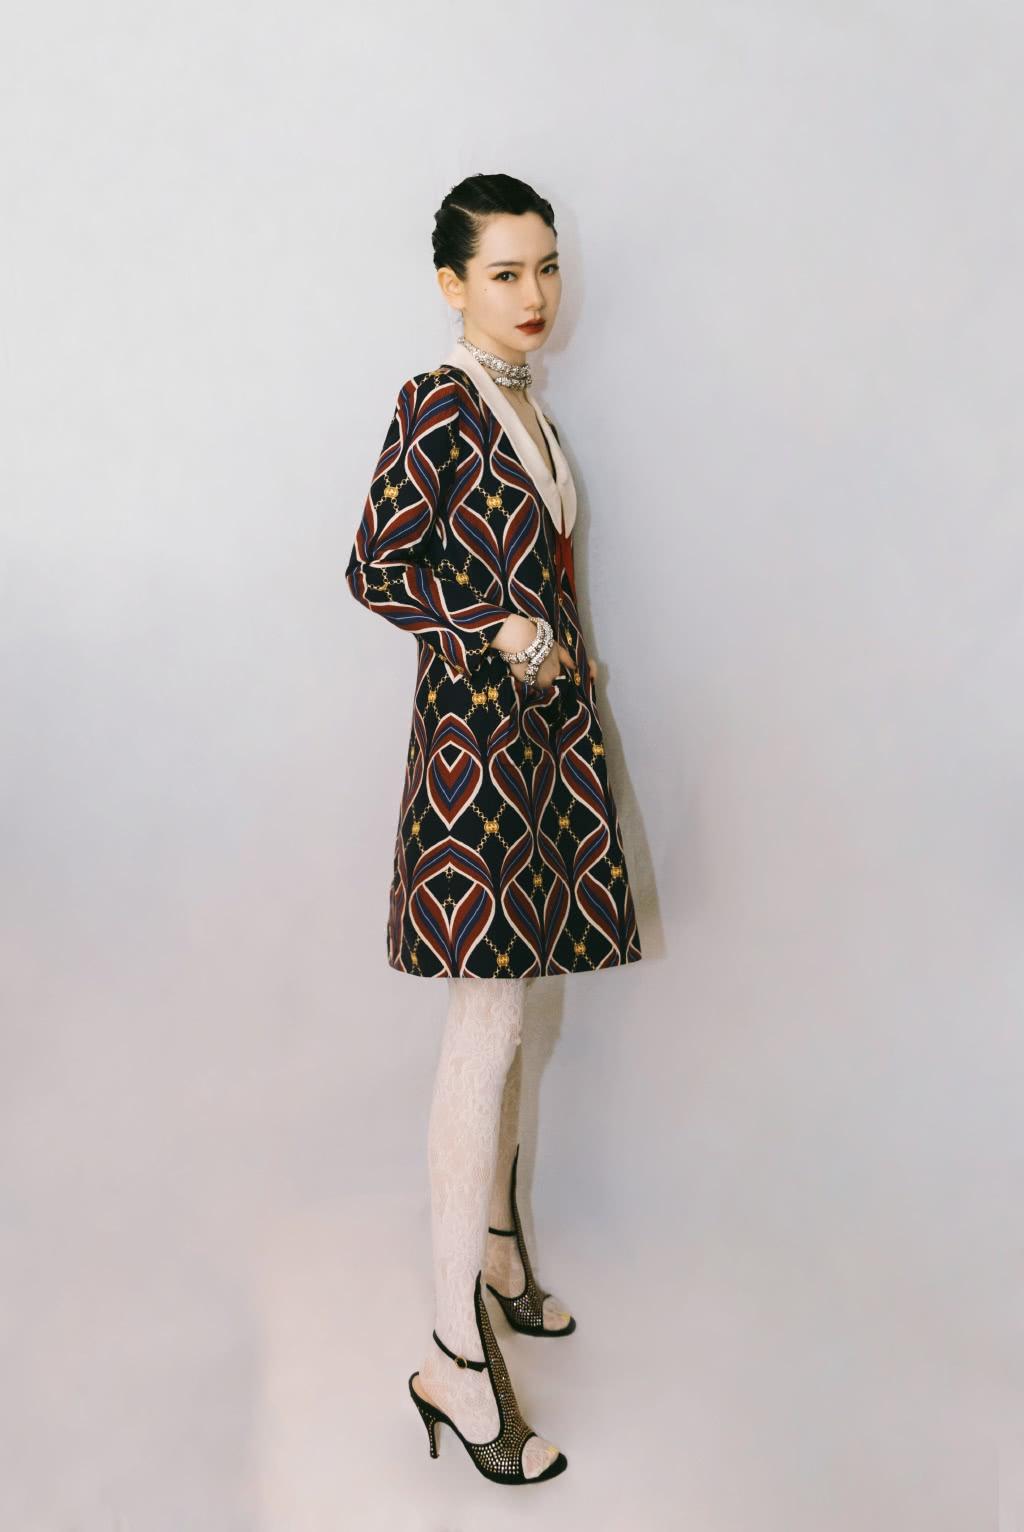 戚薇撞衫大八岁舒淇,同是菱形格纹圆领连衣裙,蛇形项圈赢了